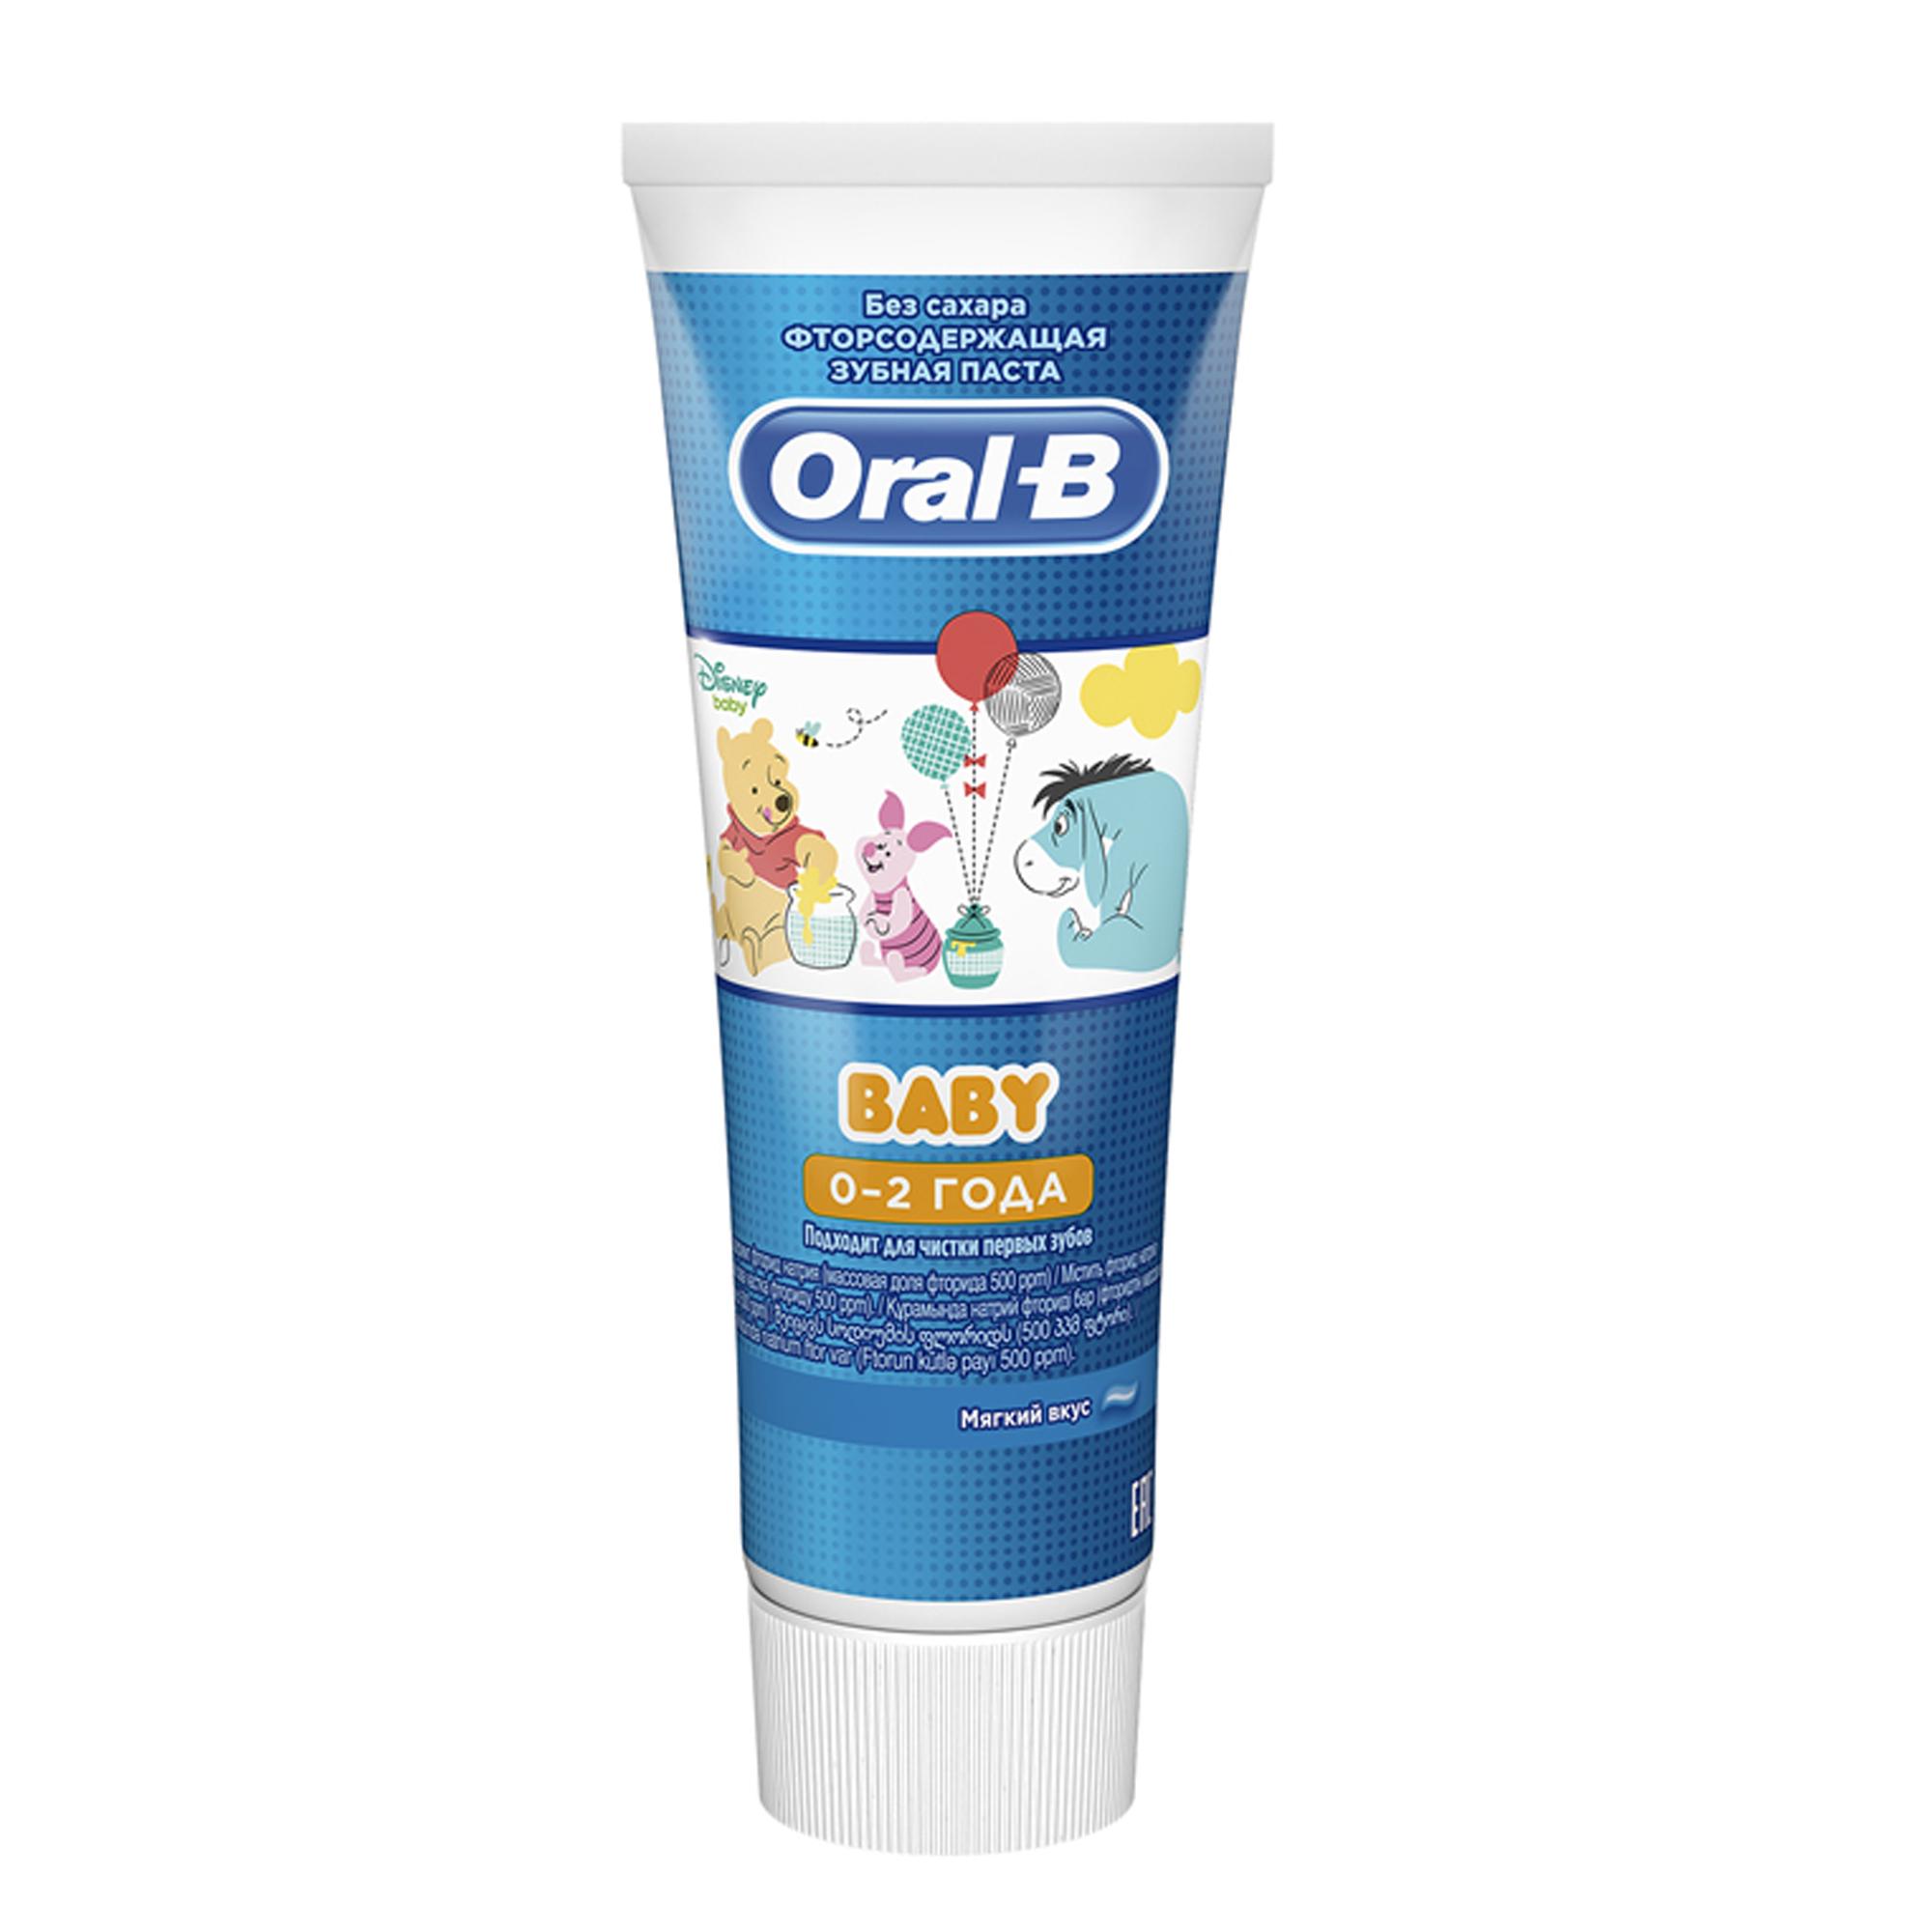 Купить Детская зубная паста Oral-B Baby Мягкий вкус 75 мл, Детские зубные пасты